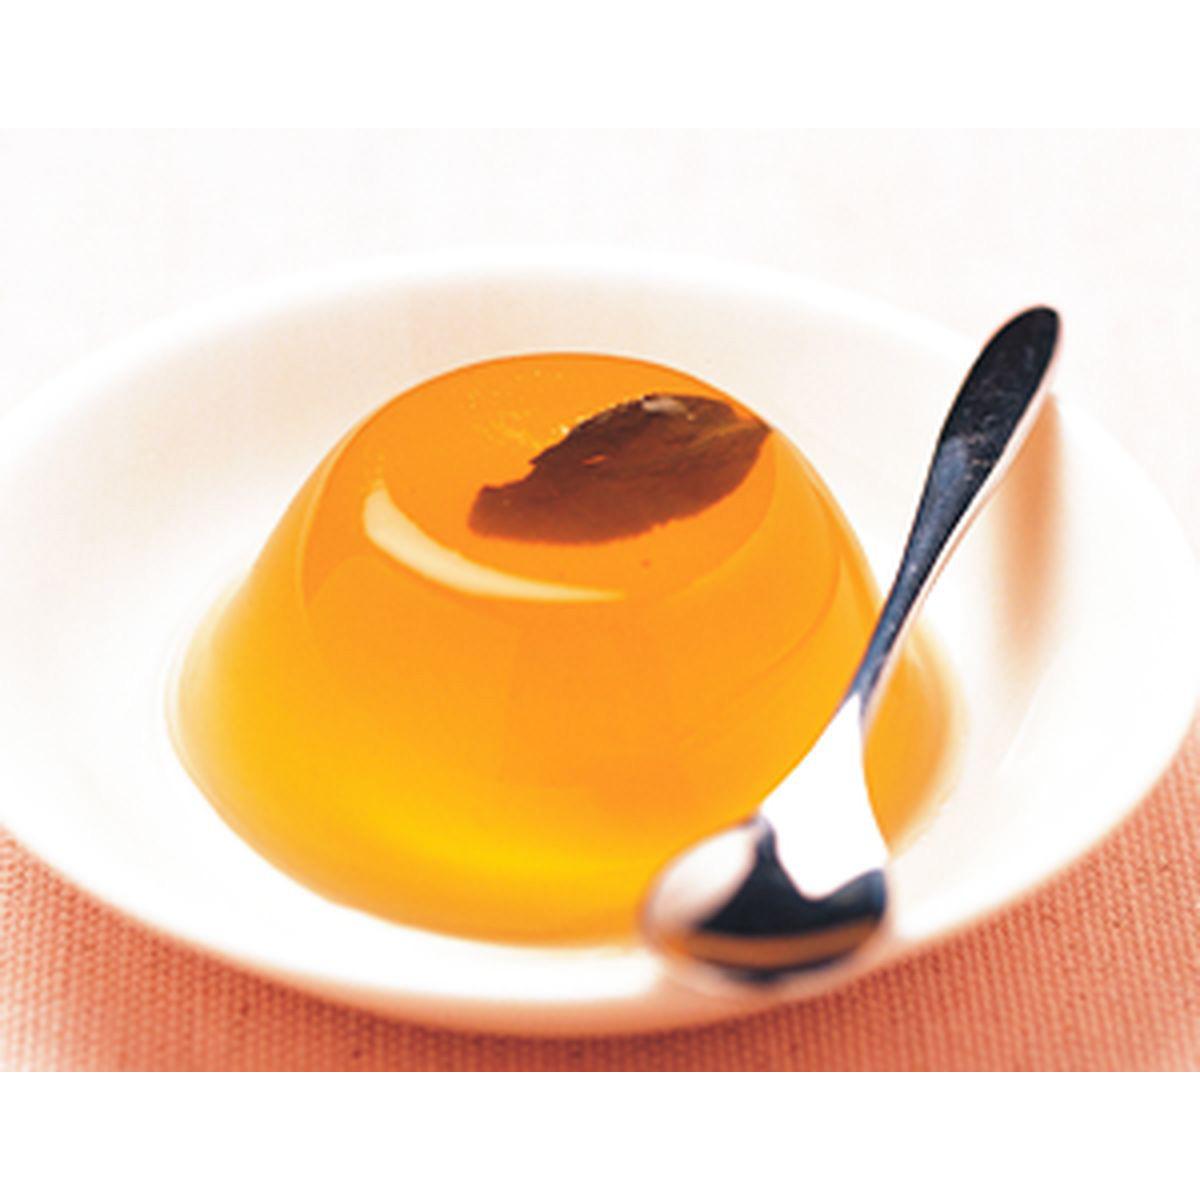 食譜:烏龍茶凍